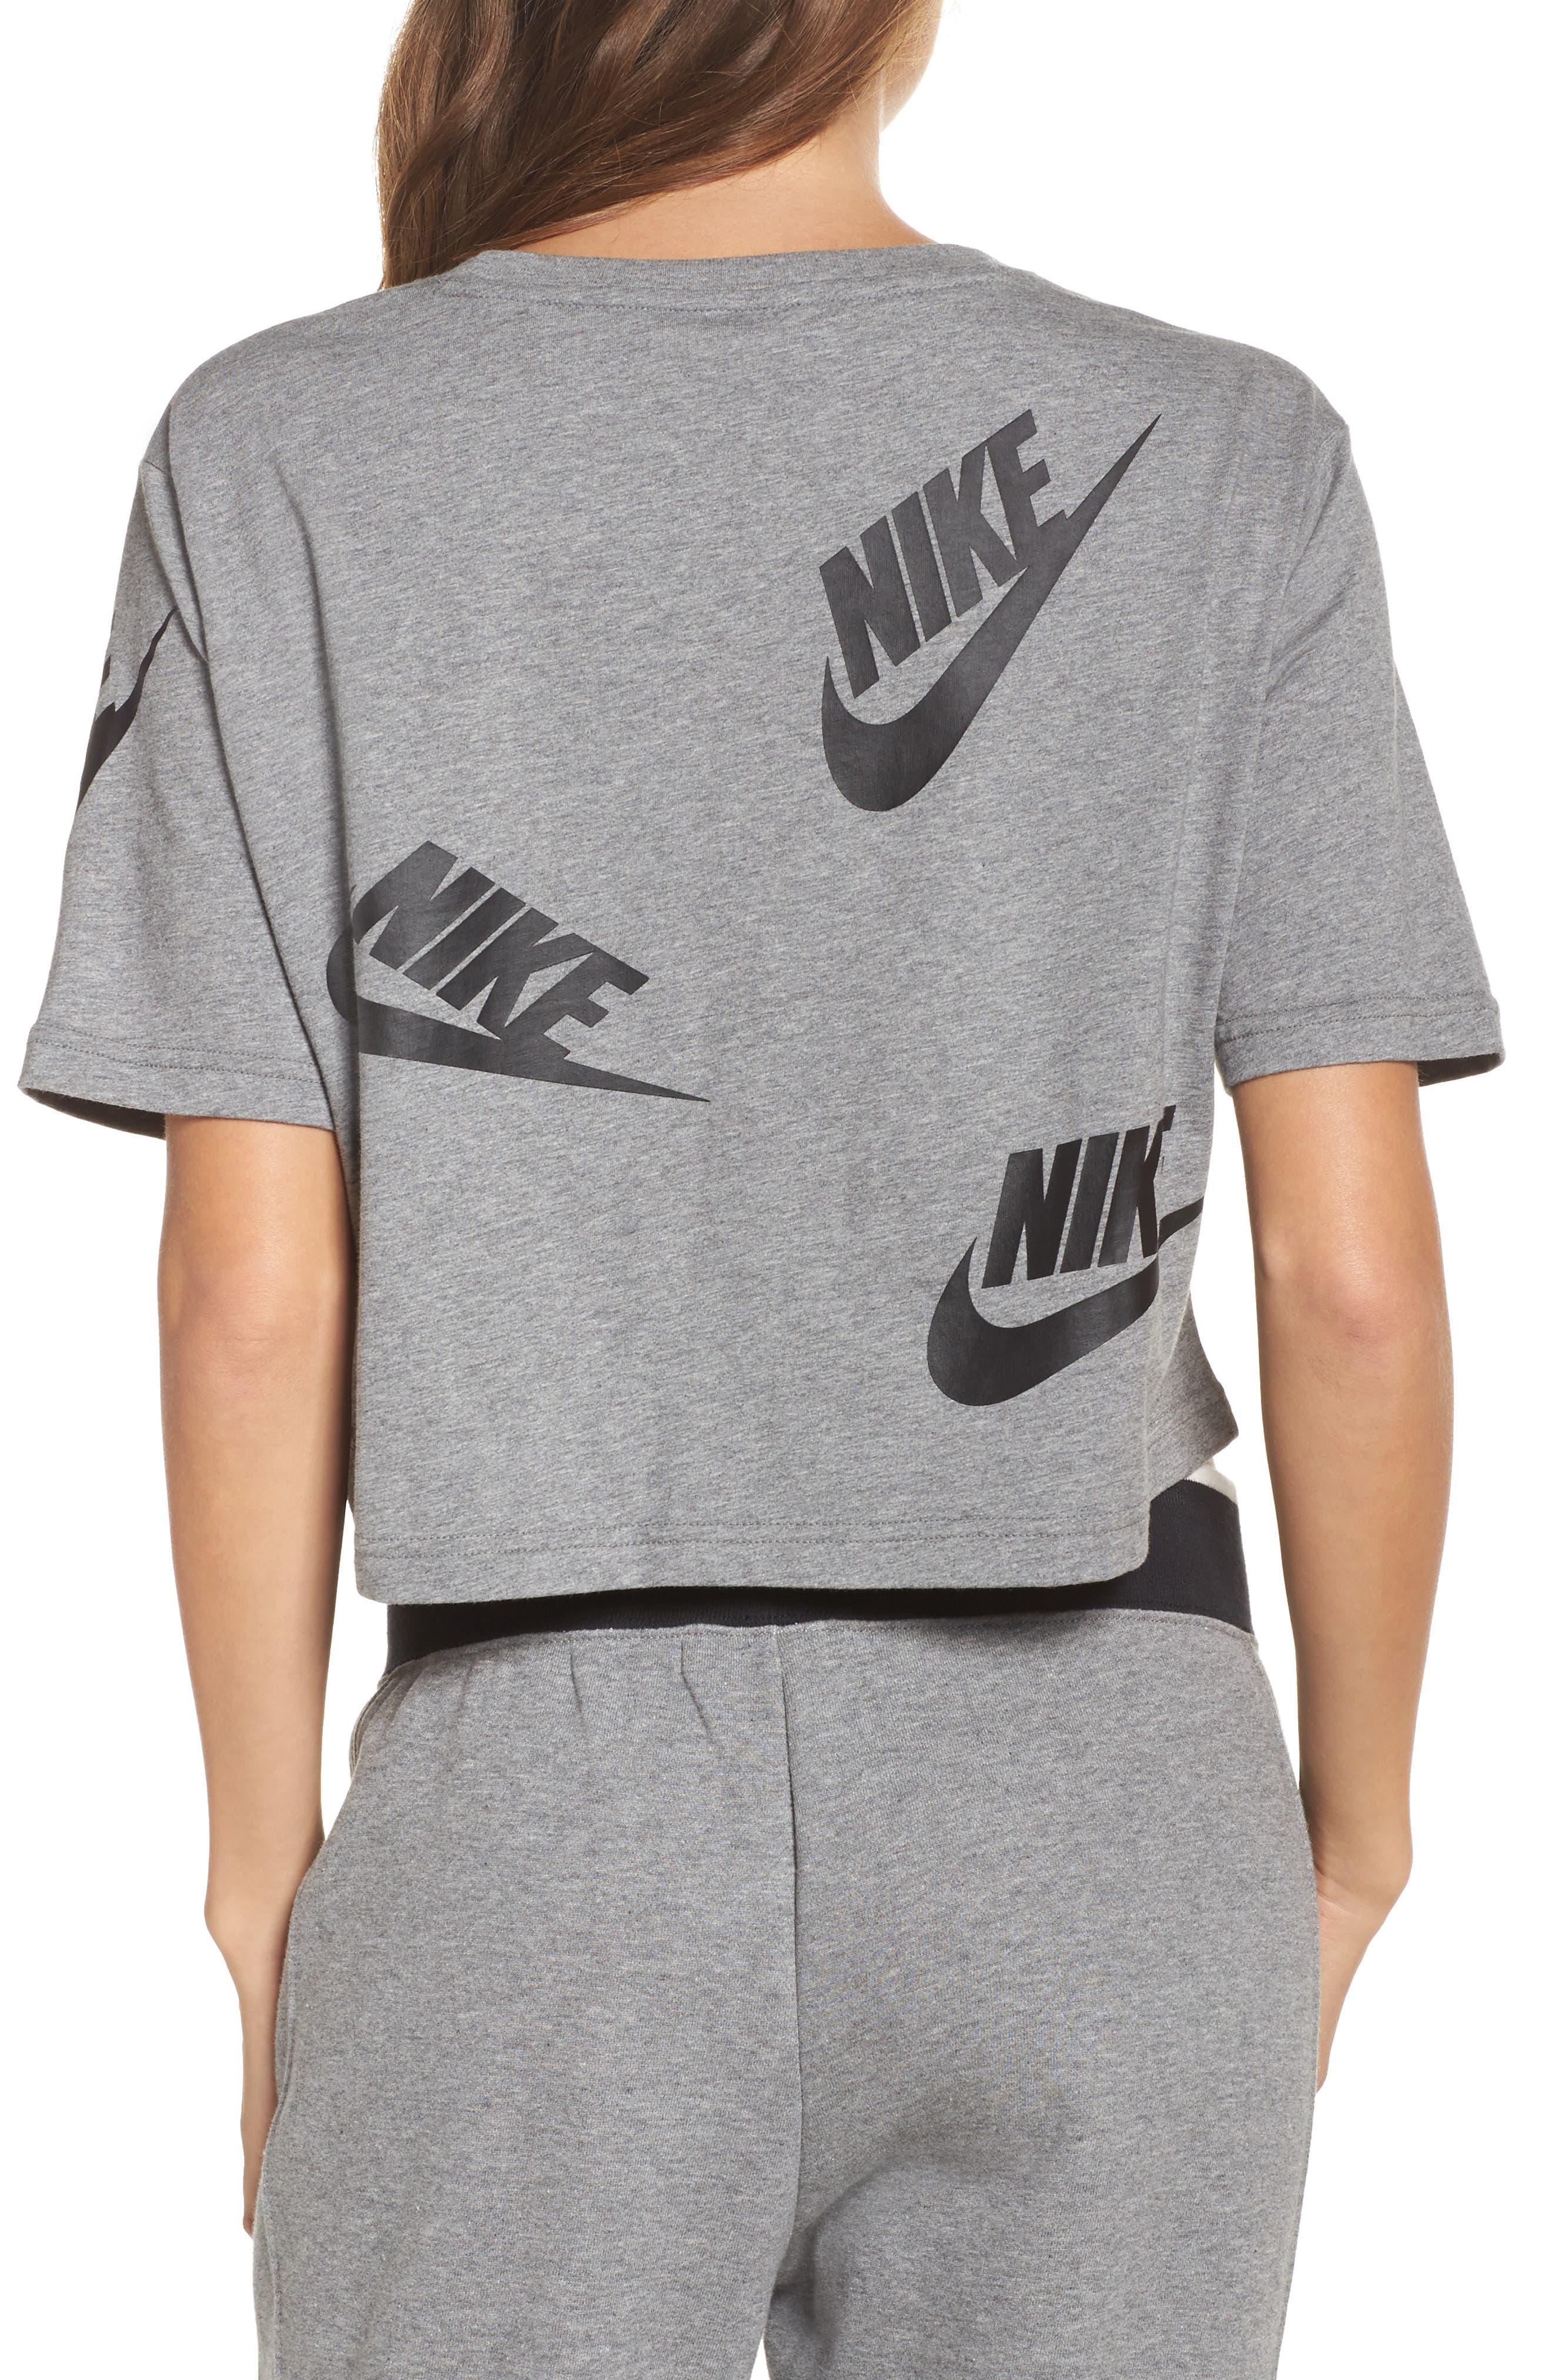 Alternate Image 2  - Nike Sportswear Futura Crop Tee